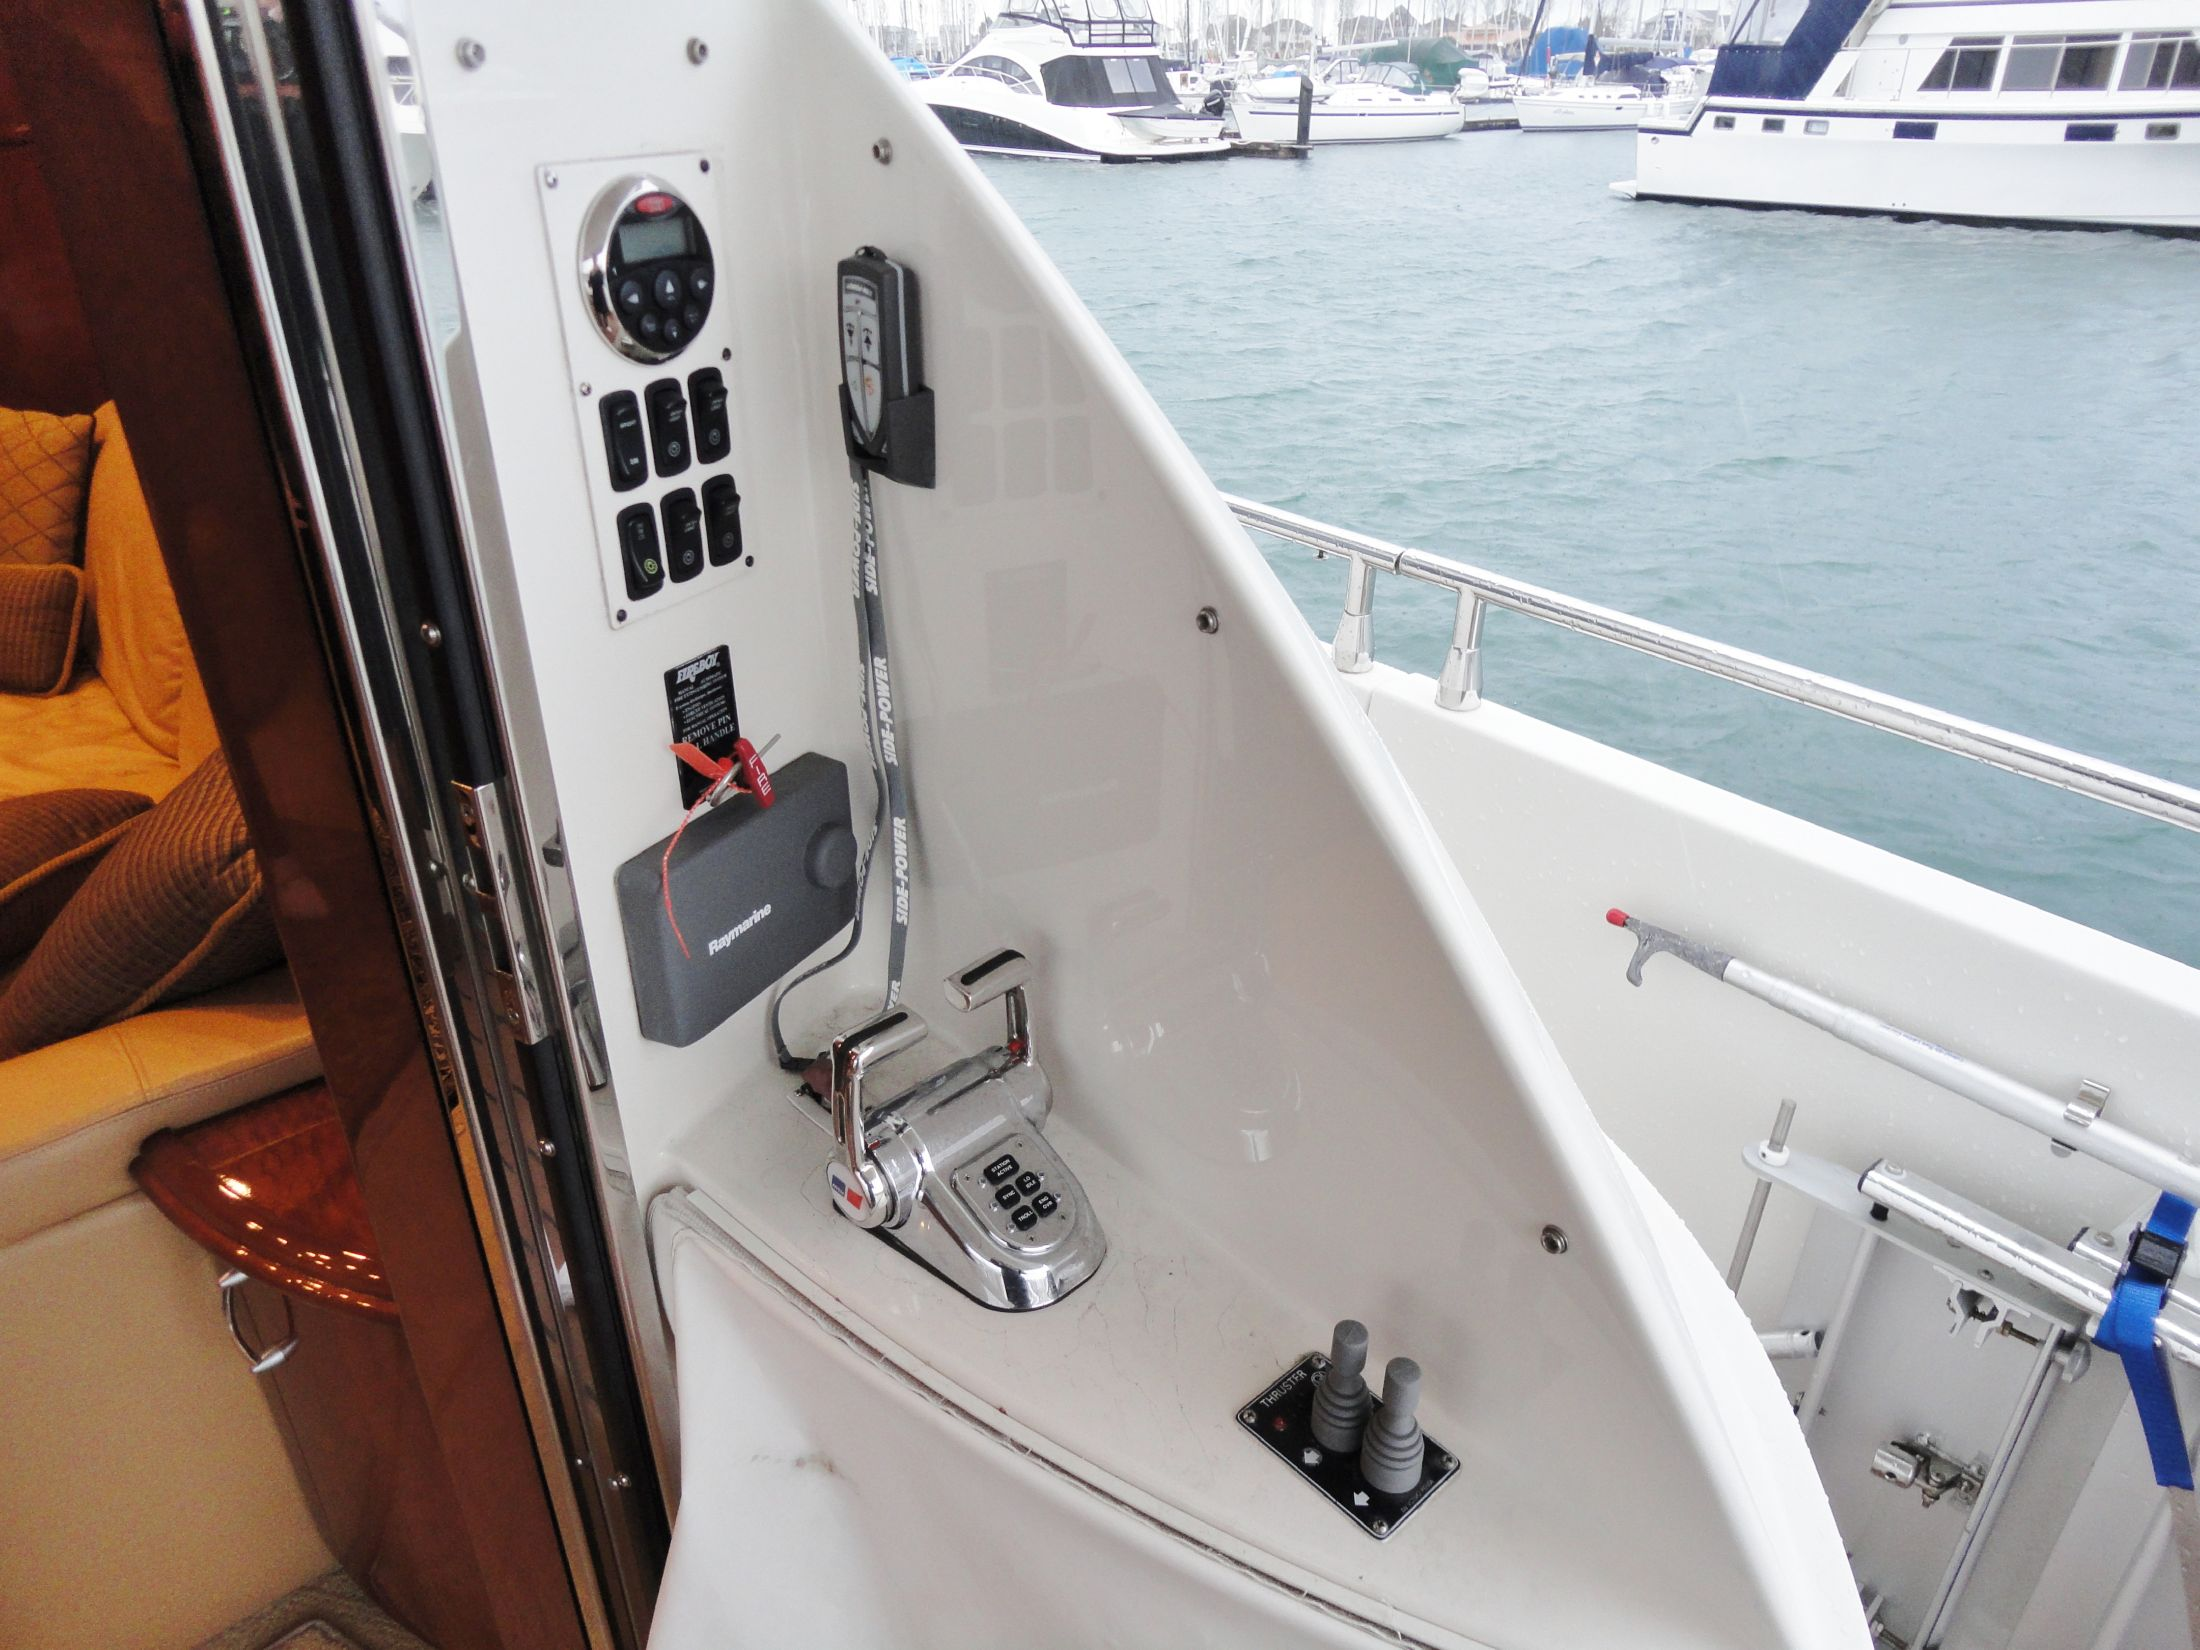 Cockpit Controls w/Auto-Pilot & Wireless Thruster Remote